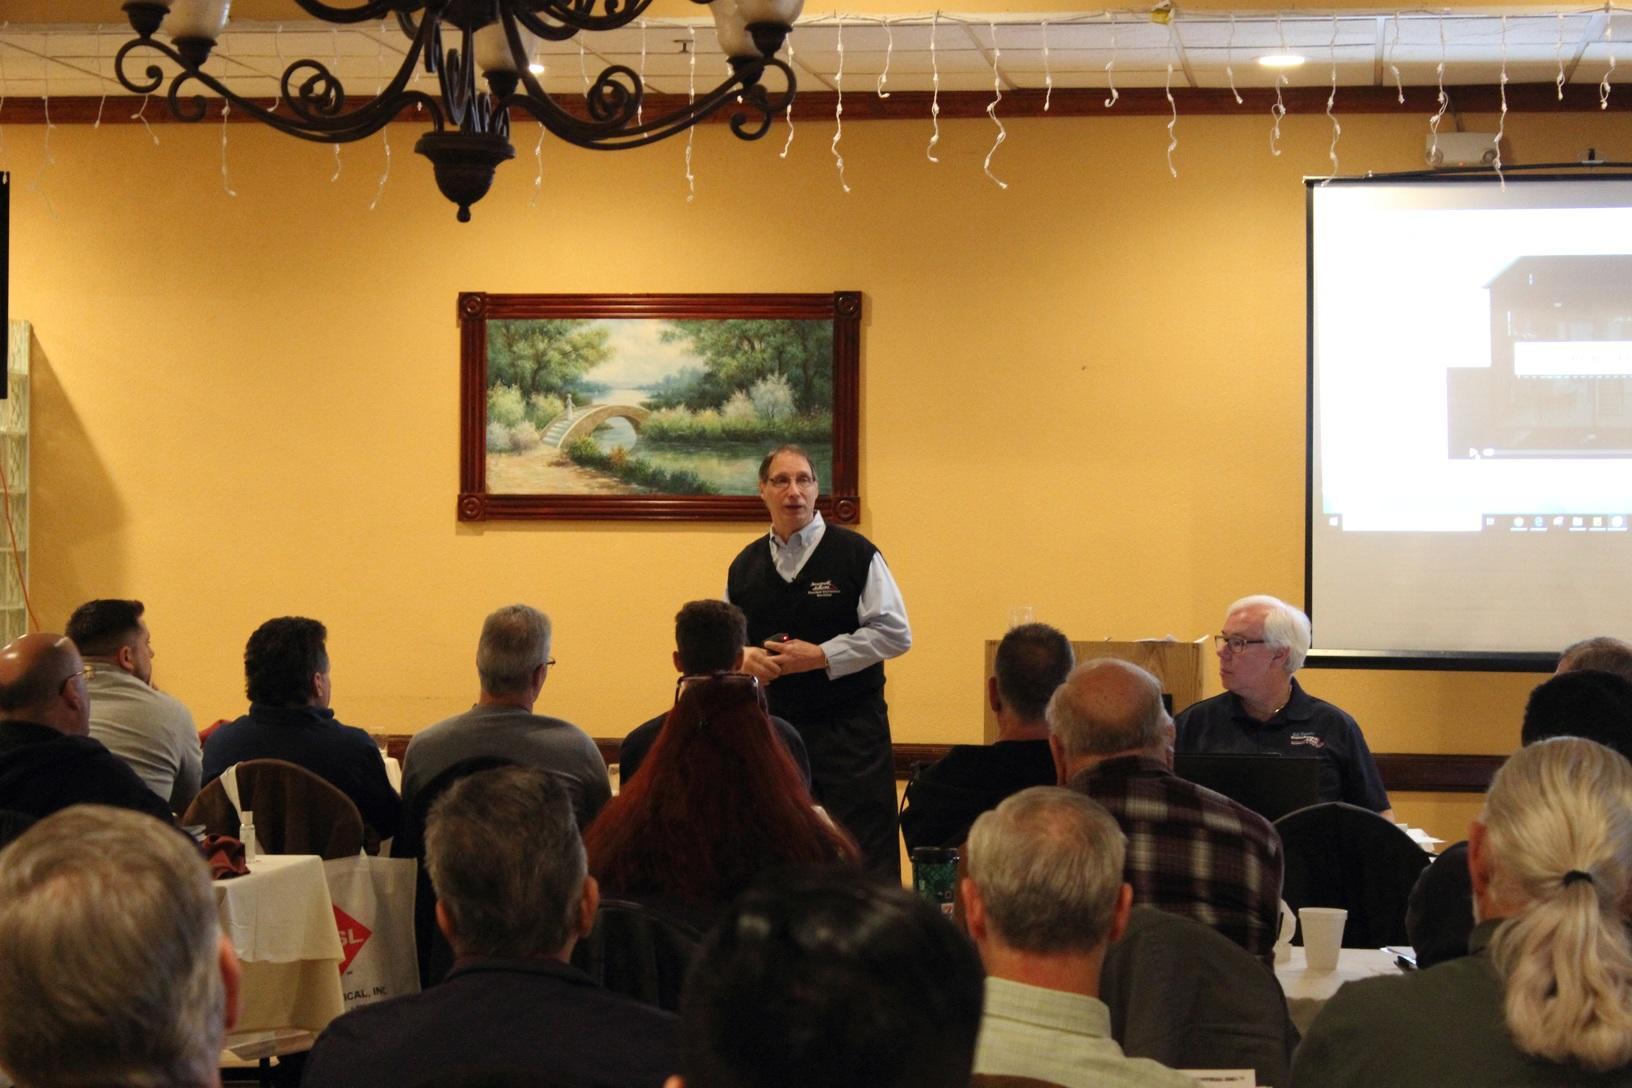 Bill Simone Presenting